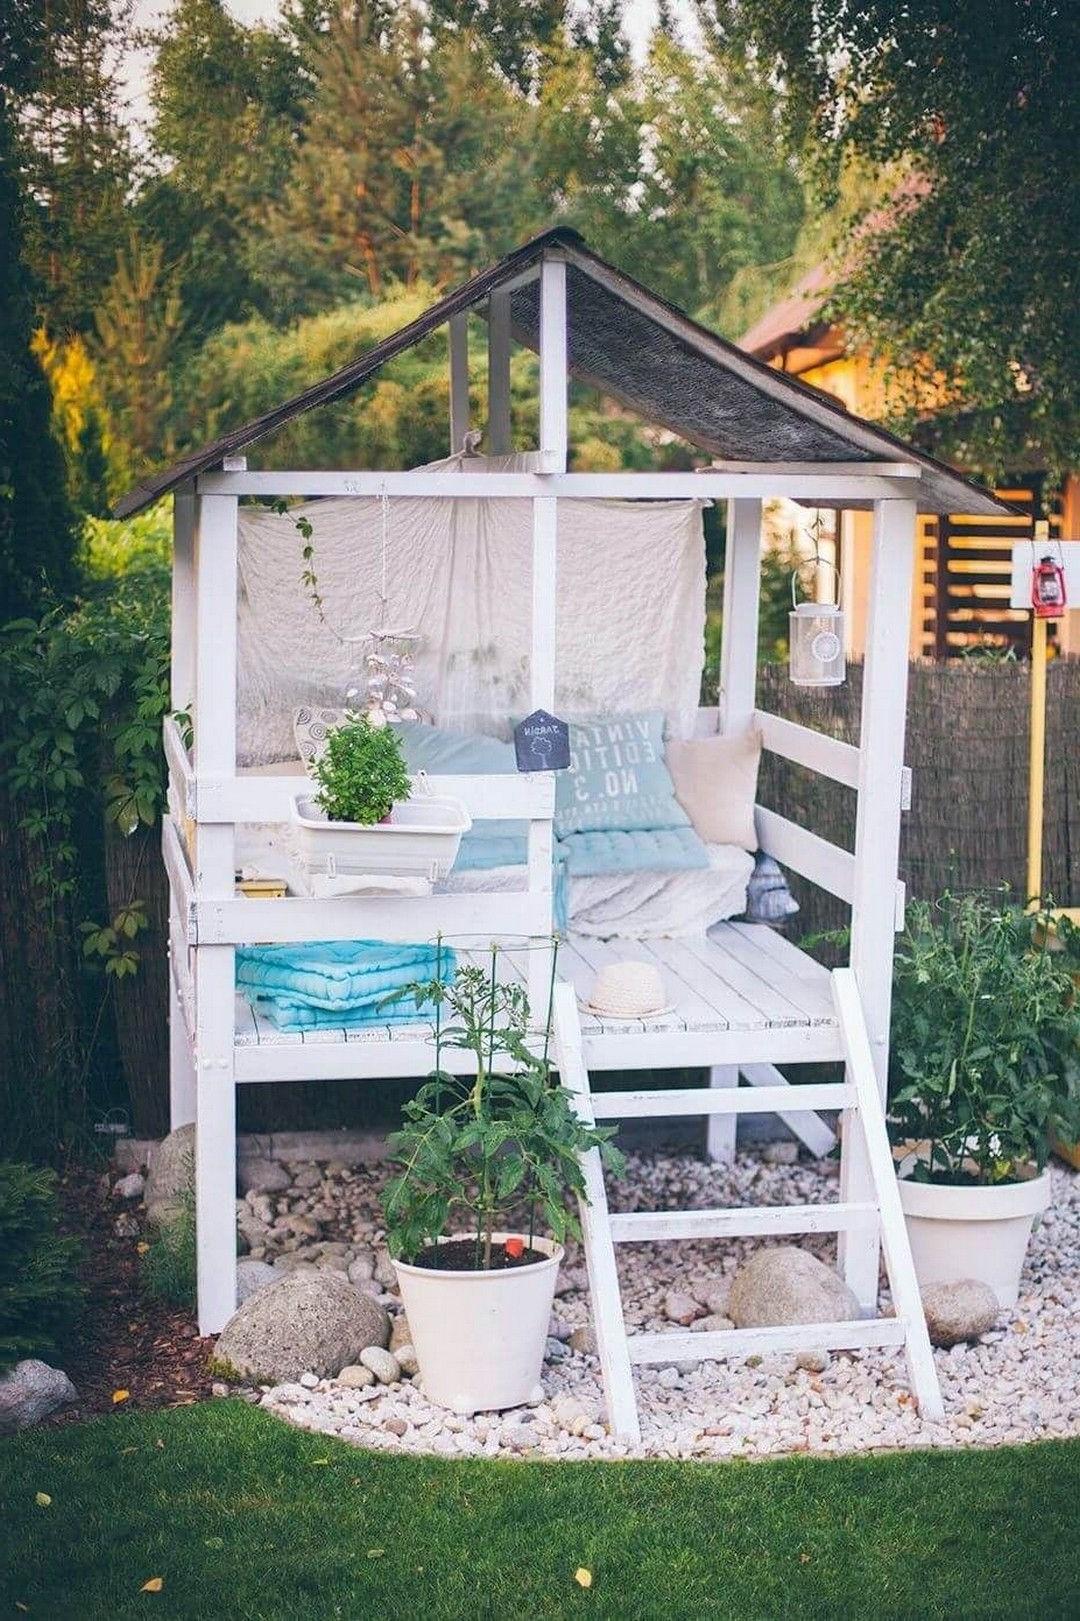 Construisez une cabane comfortable dans l'arrière-cour.